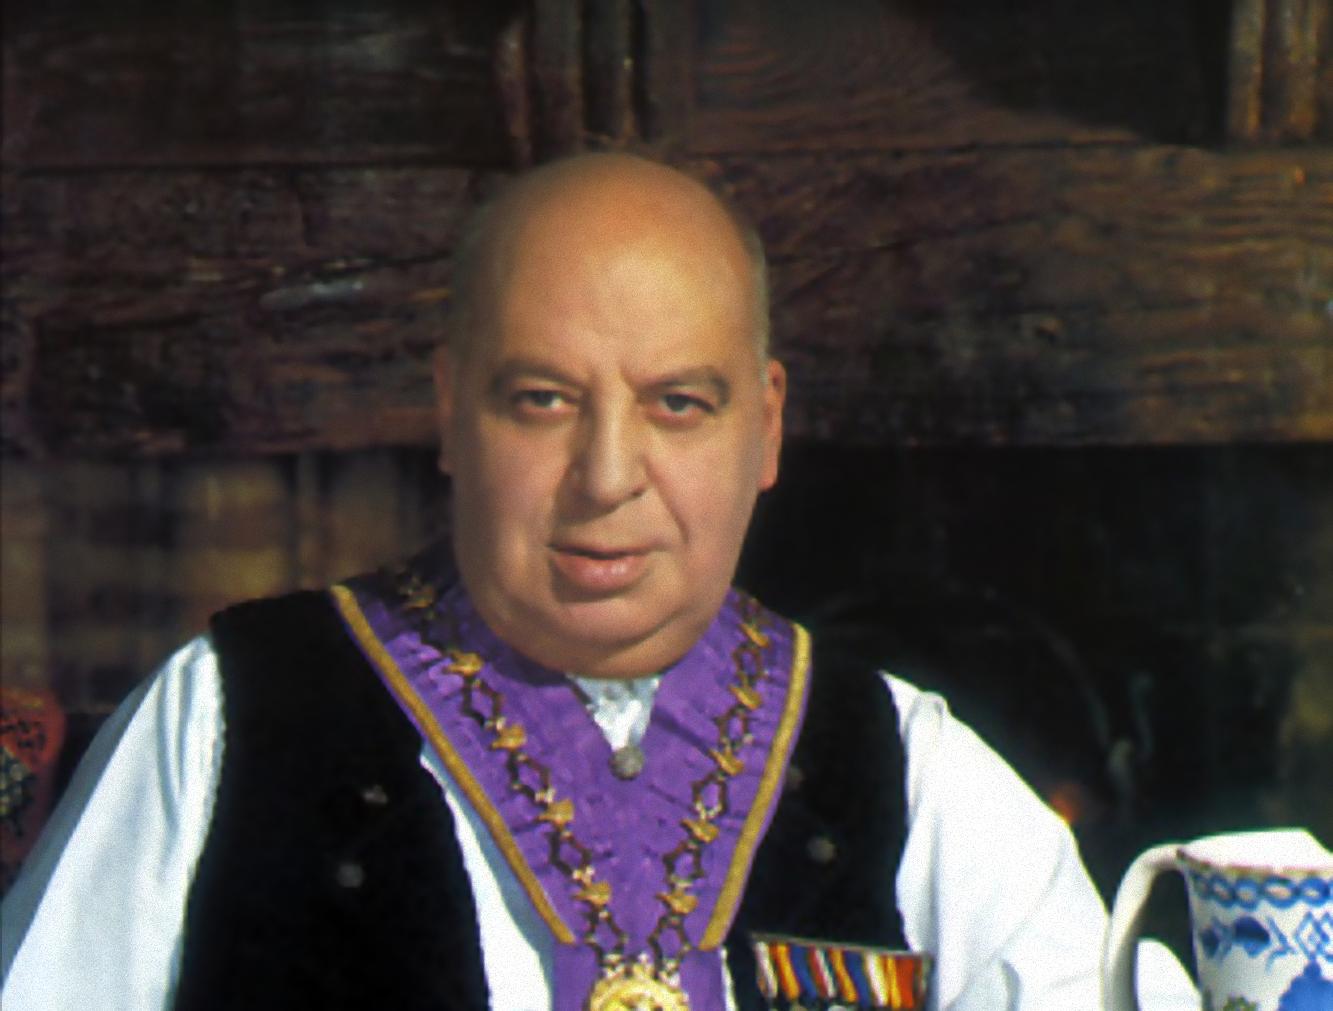 Cándido Mesonero Mayor de Castilla